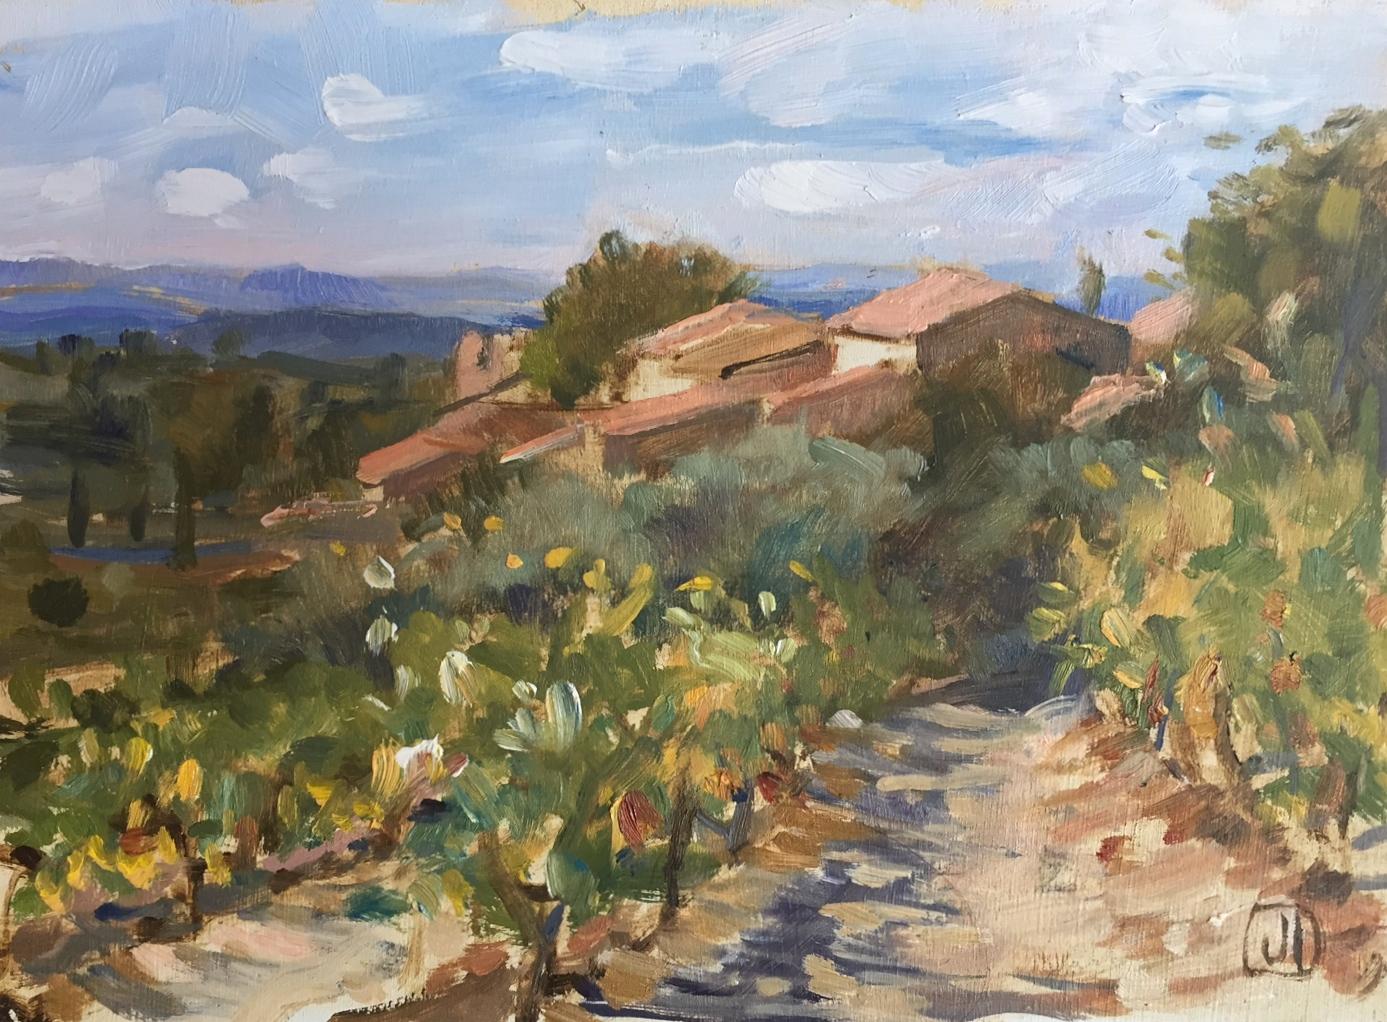 Les Baux, Provence